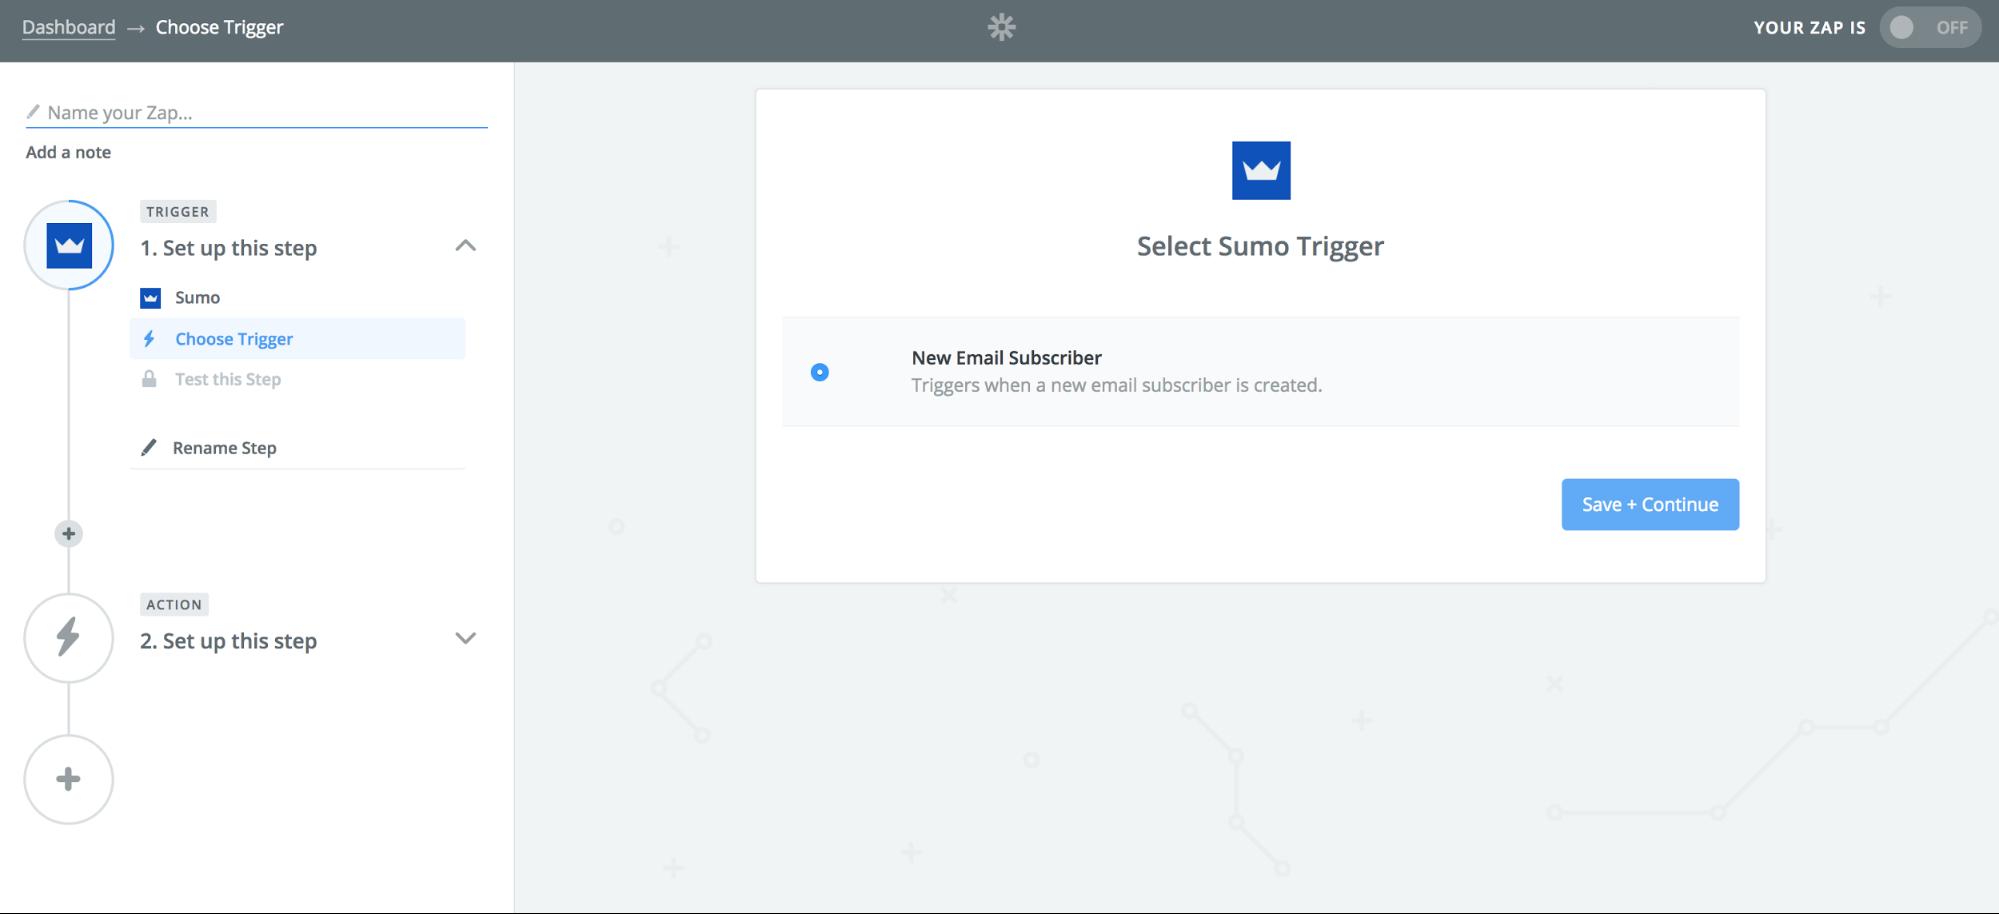 Screenshot showing Sumo selection on Zapier